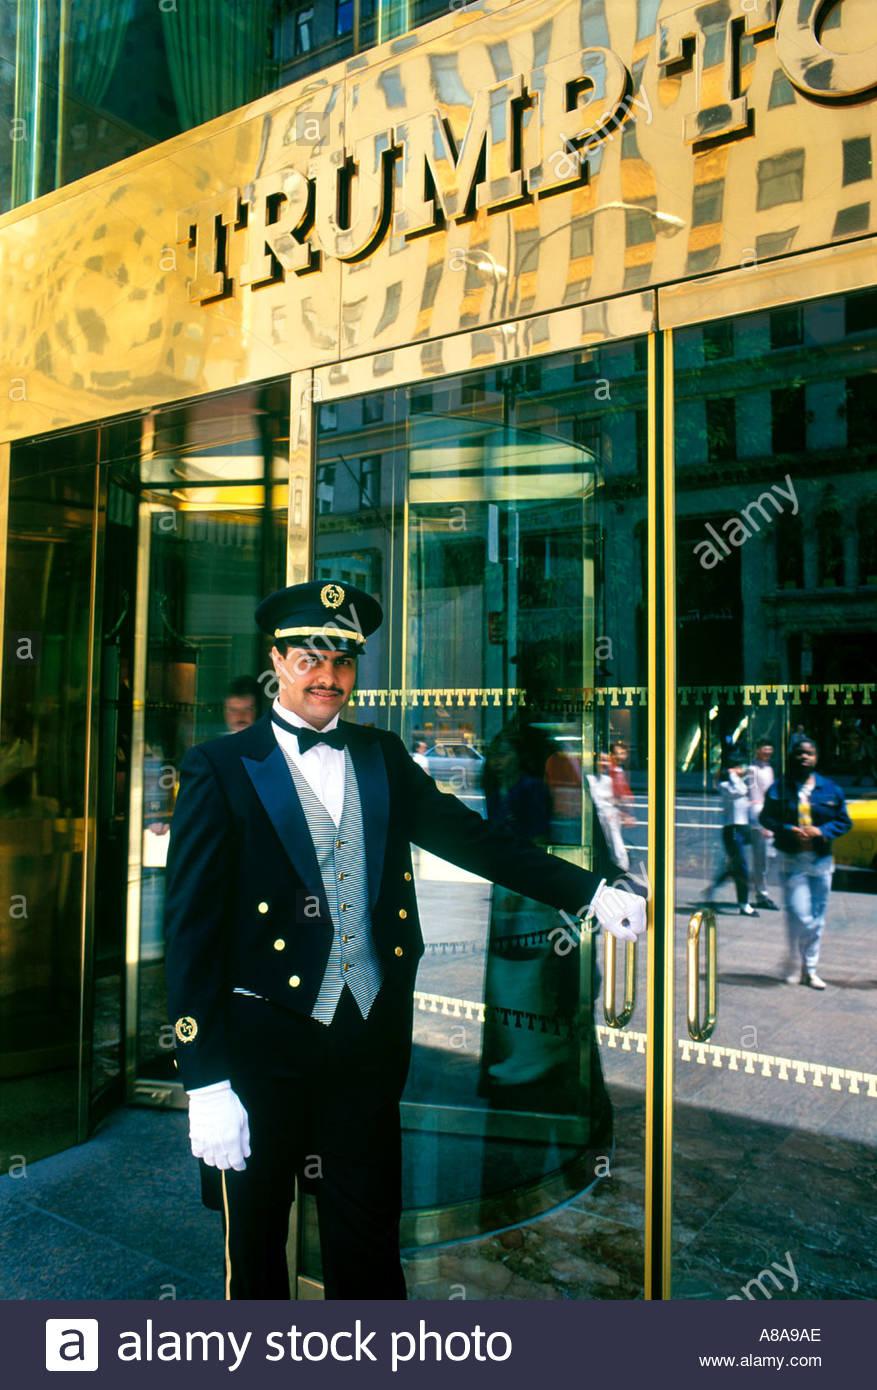 This Doorman is waiting to open the door for you at Donald Trumps New York City & Doorman New York Stock Photos \u0026 Doorman New York Stock Images - Alamy